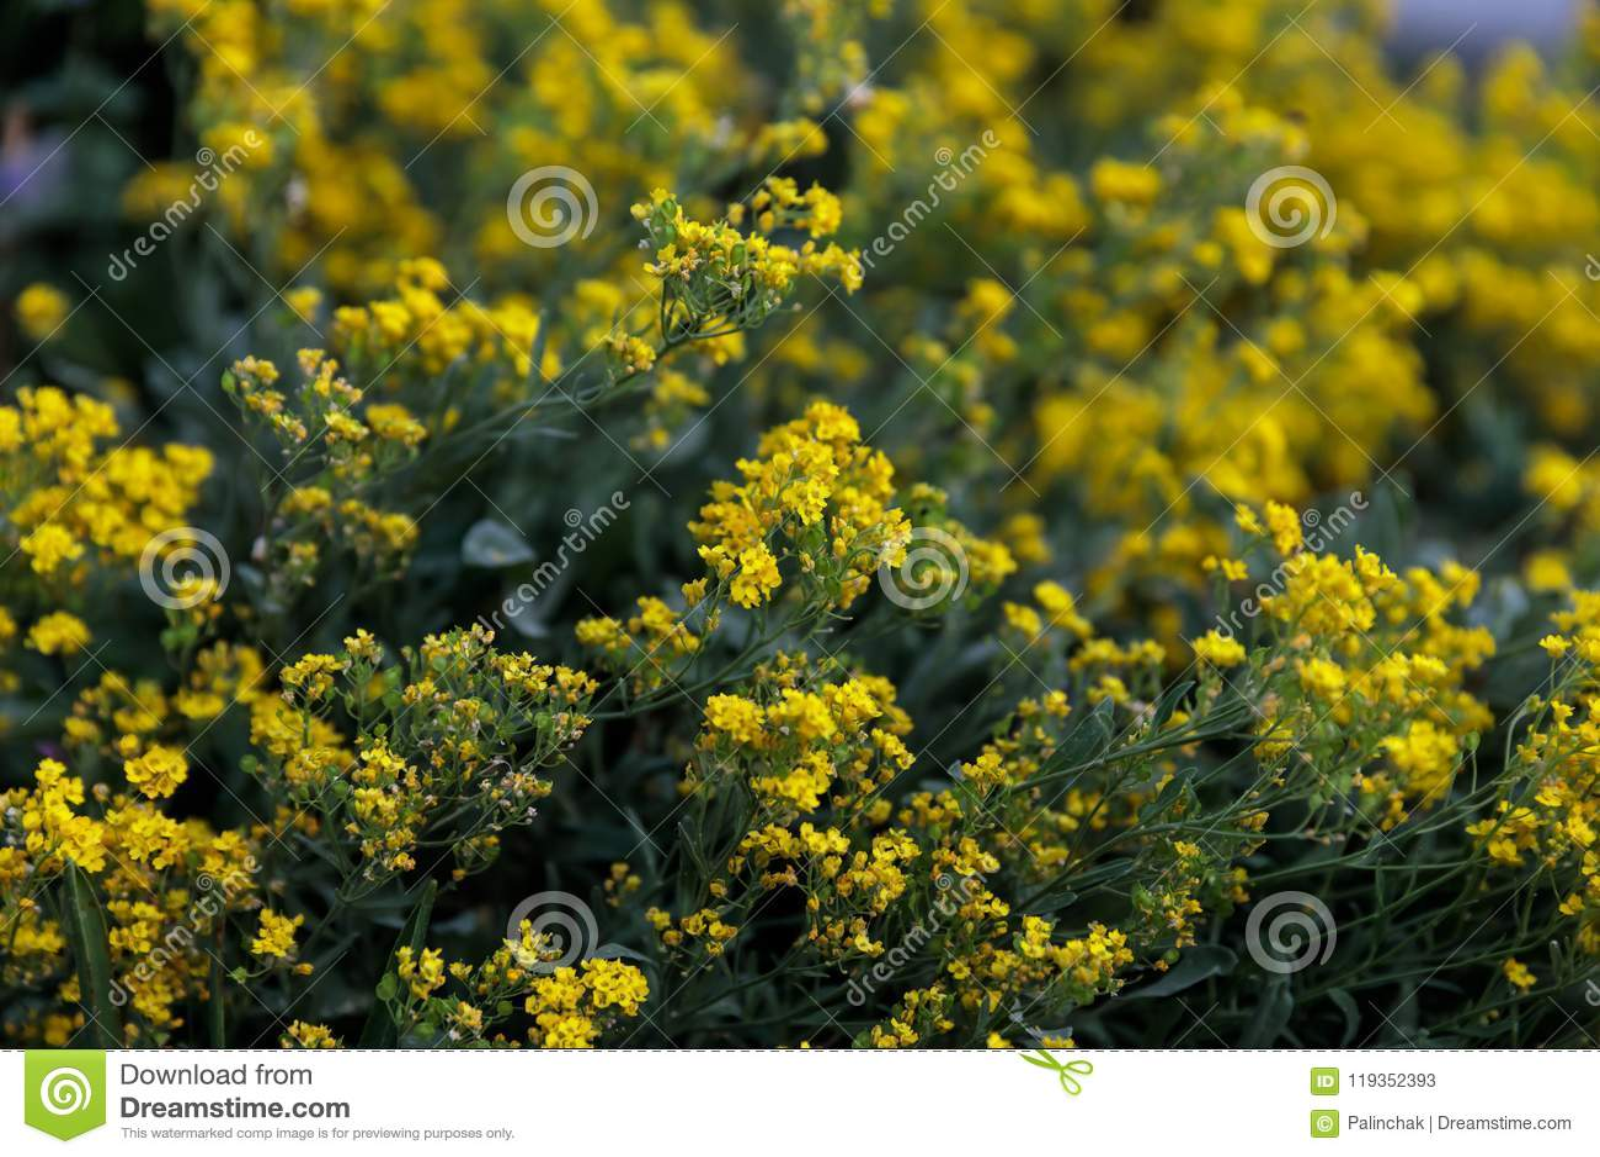 Nomi Di Fiori Gialli.Piccoli Fiori Gialli Di Tempo Di Saxatilis Di Aurinia In Primavera